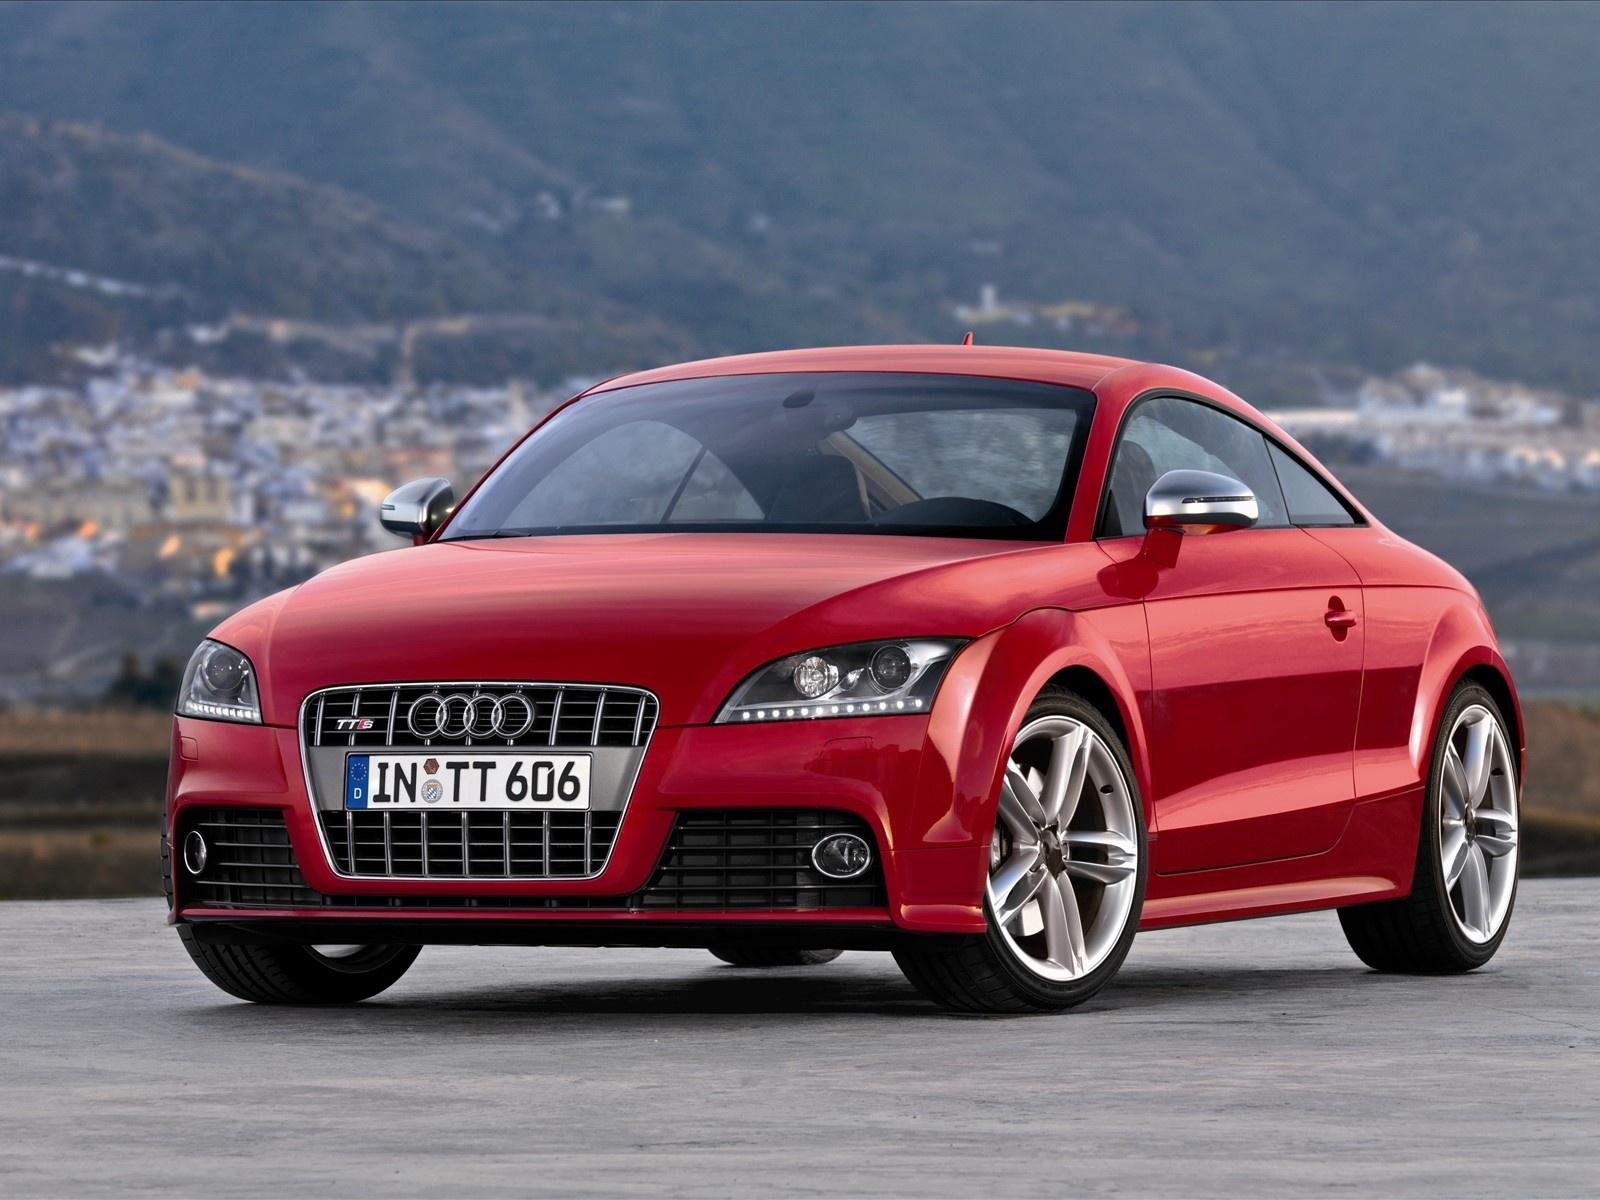 2009 Audi TT  Overview  CarGurus